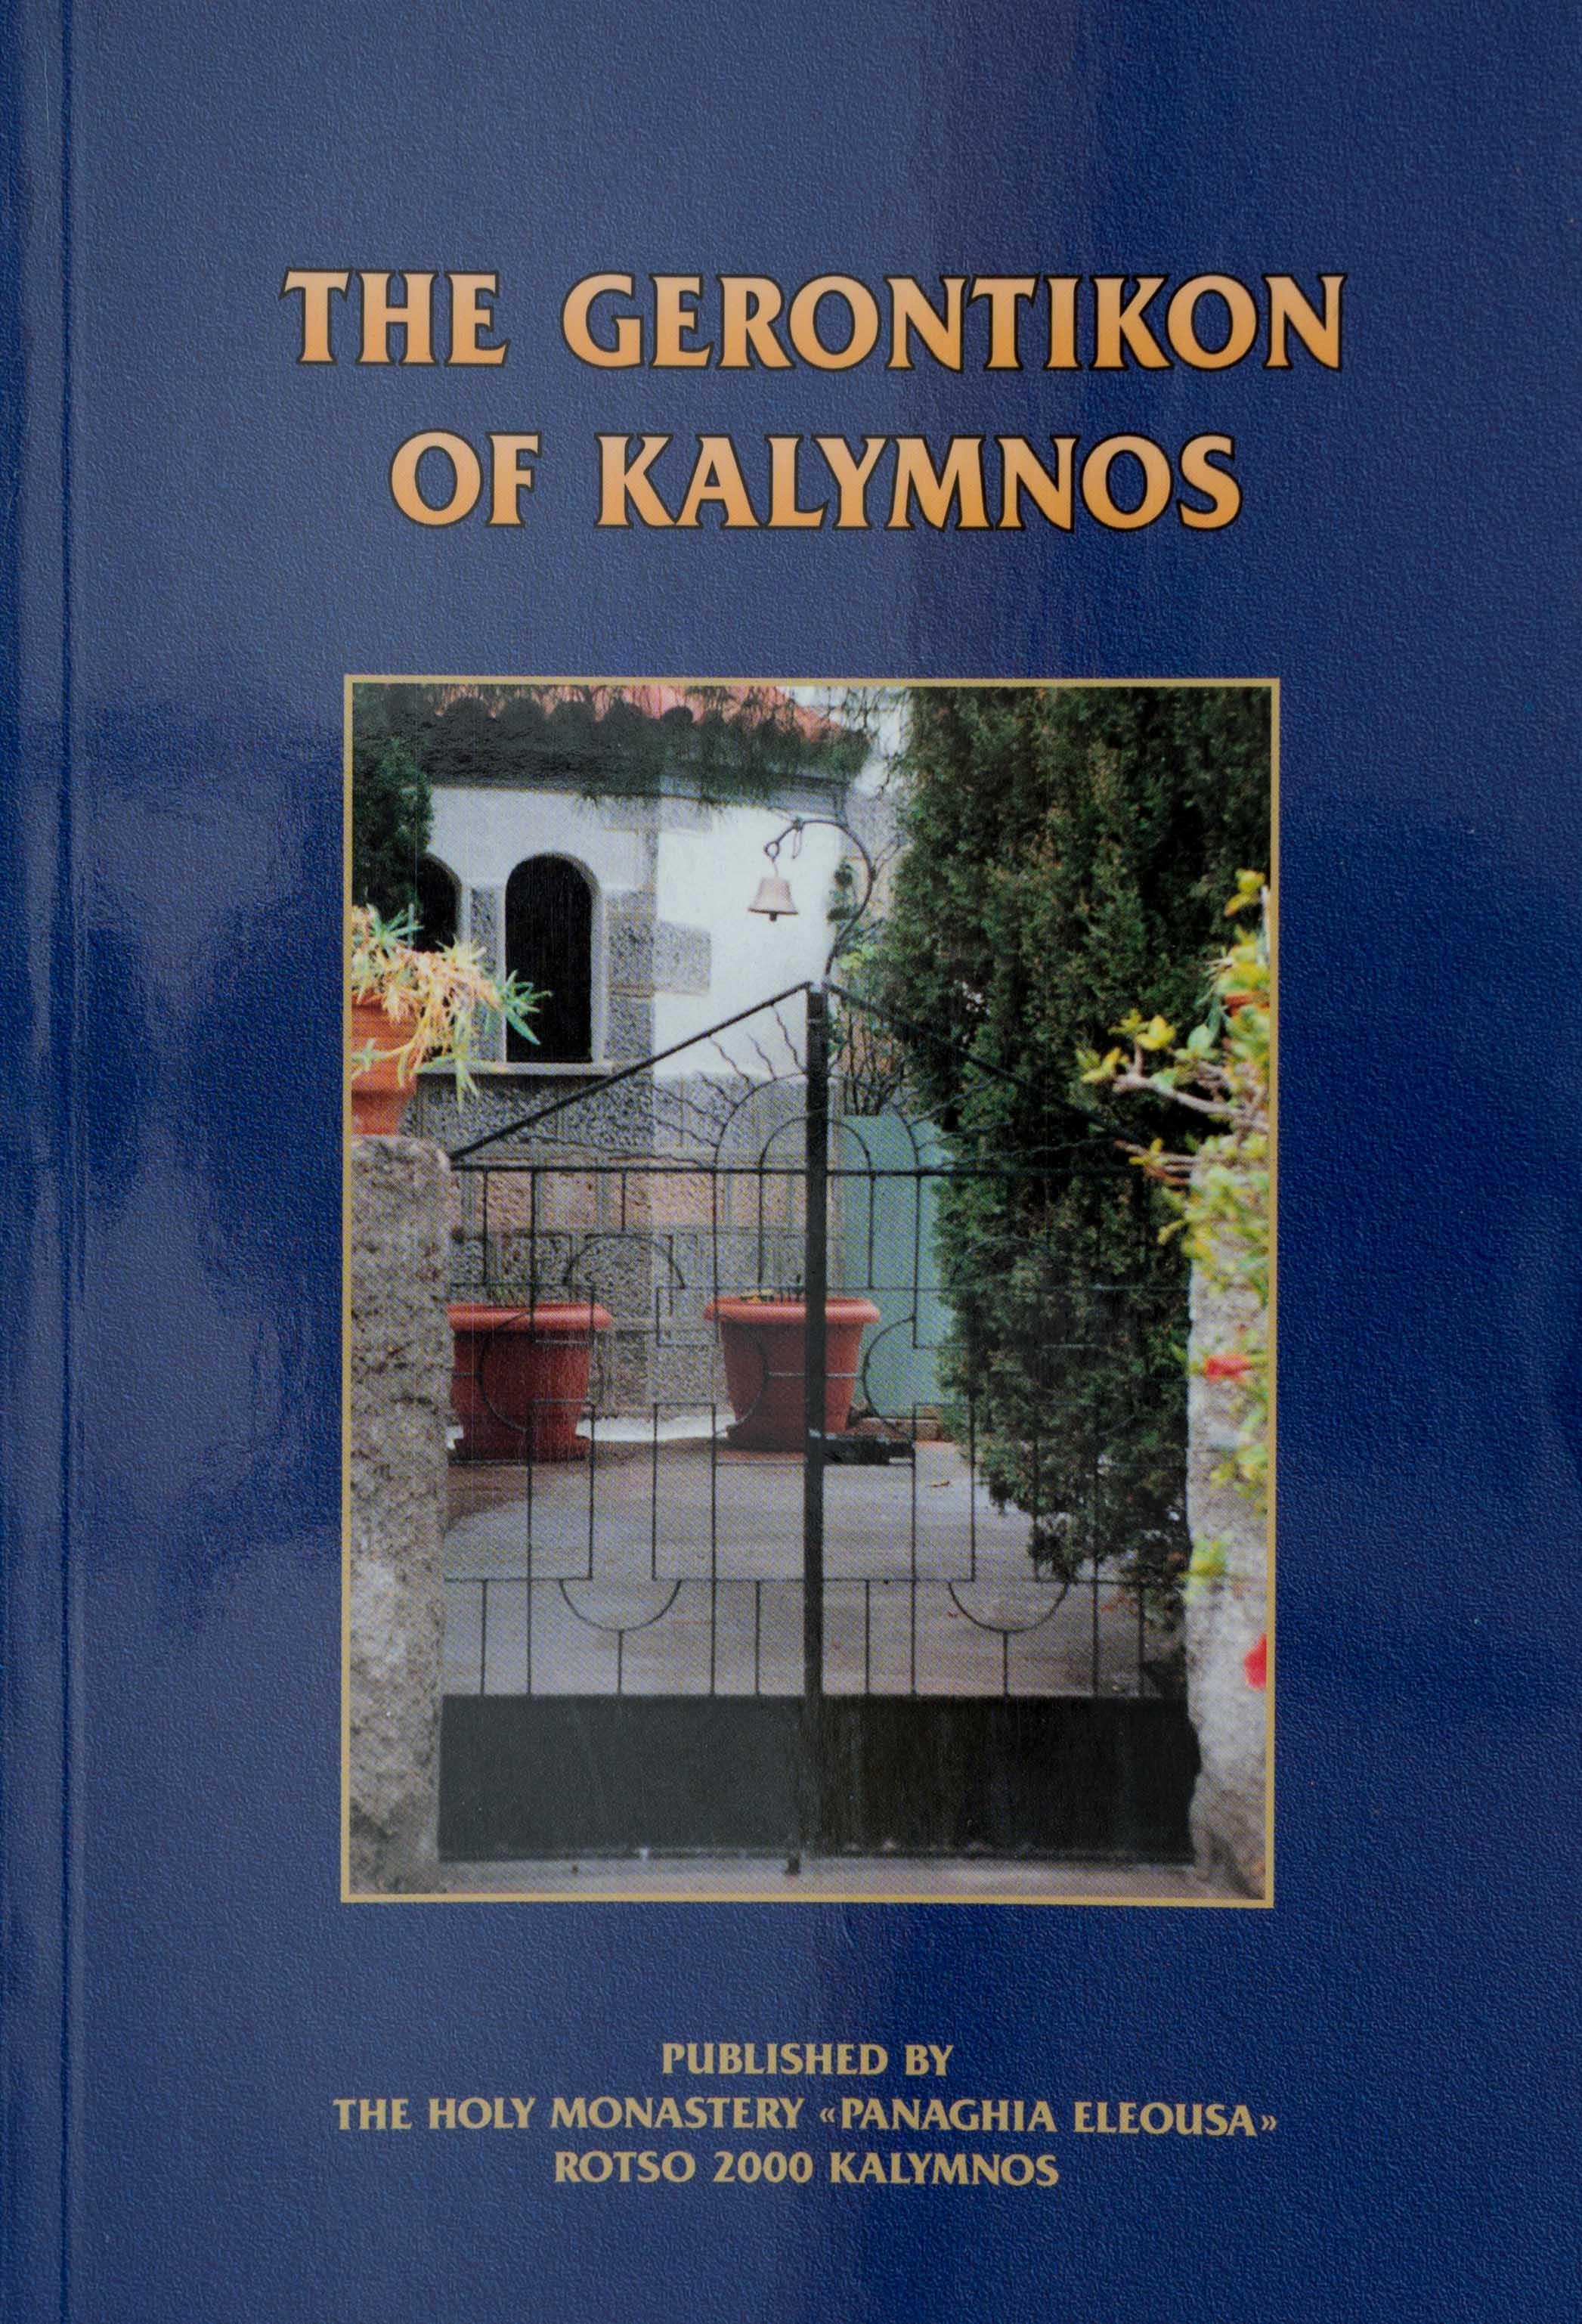 The Gerontikon of Kalymnos